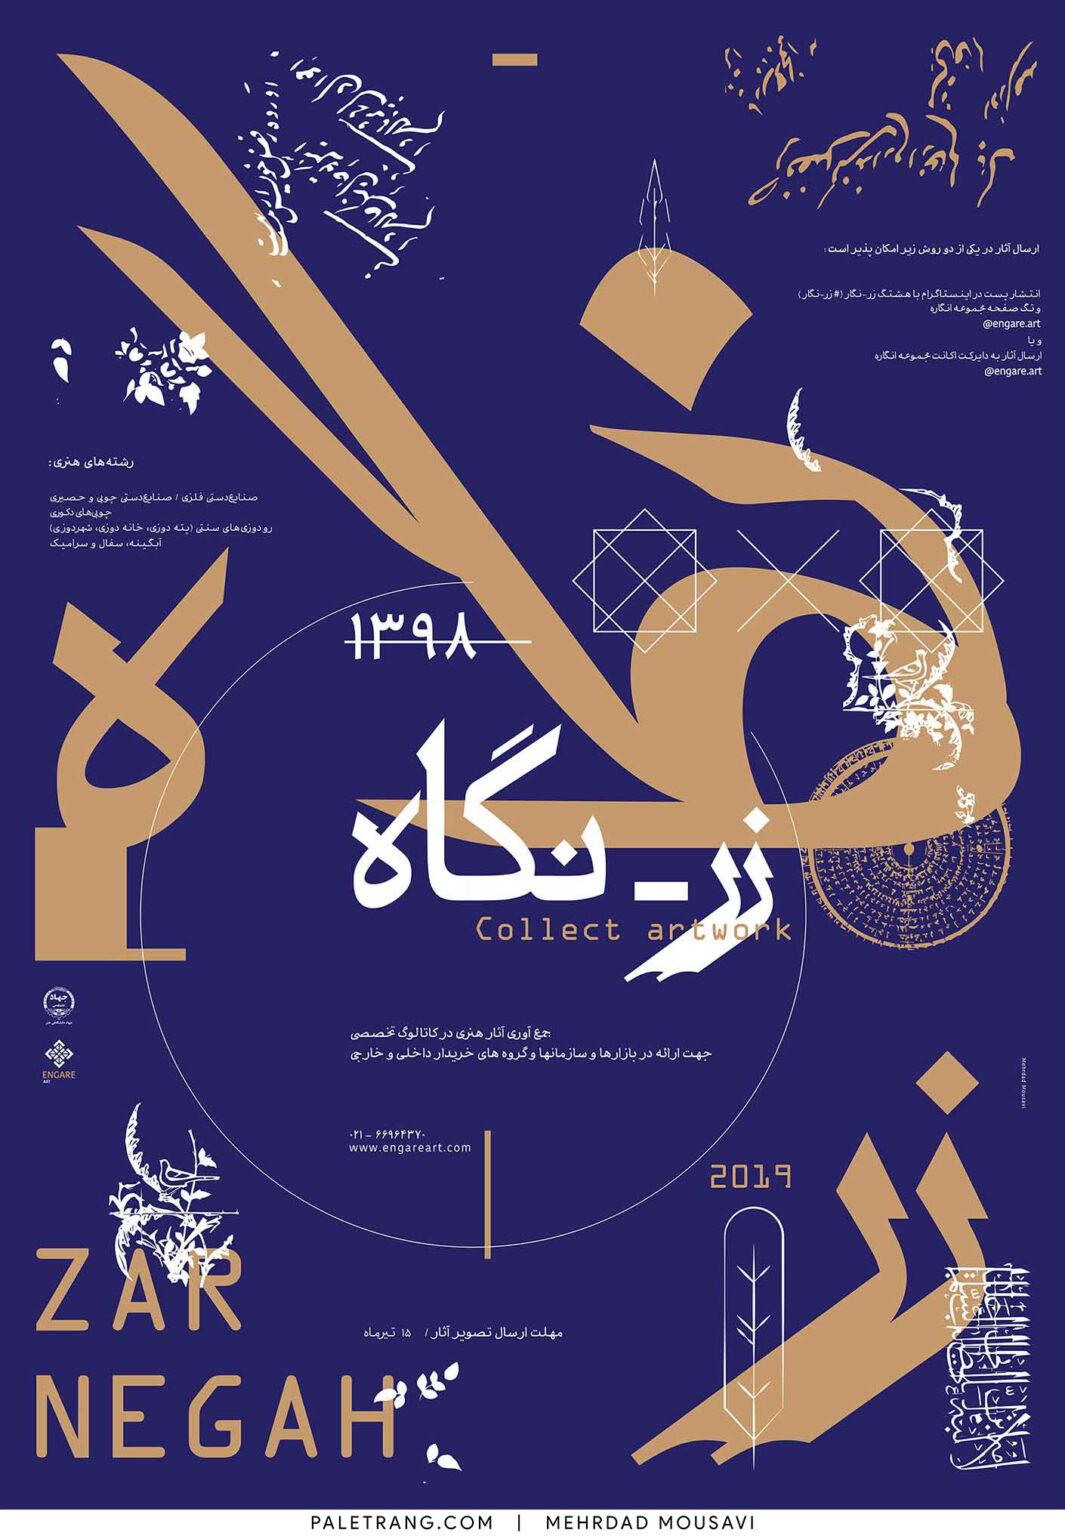 پوستر نمایشگاه صنایع دستی زرنگاه اثر مهرداد موسوی